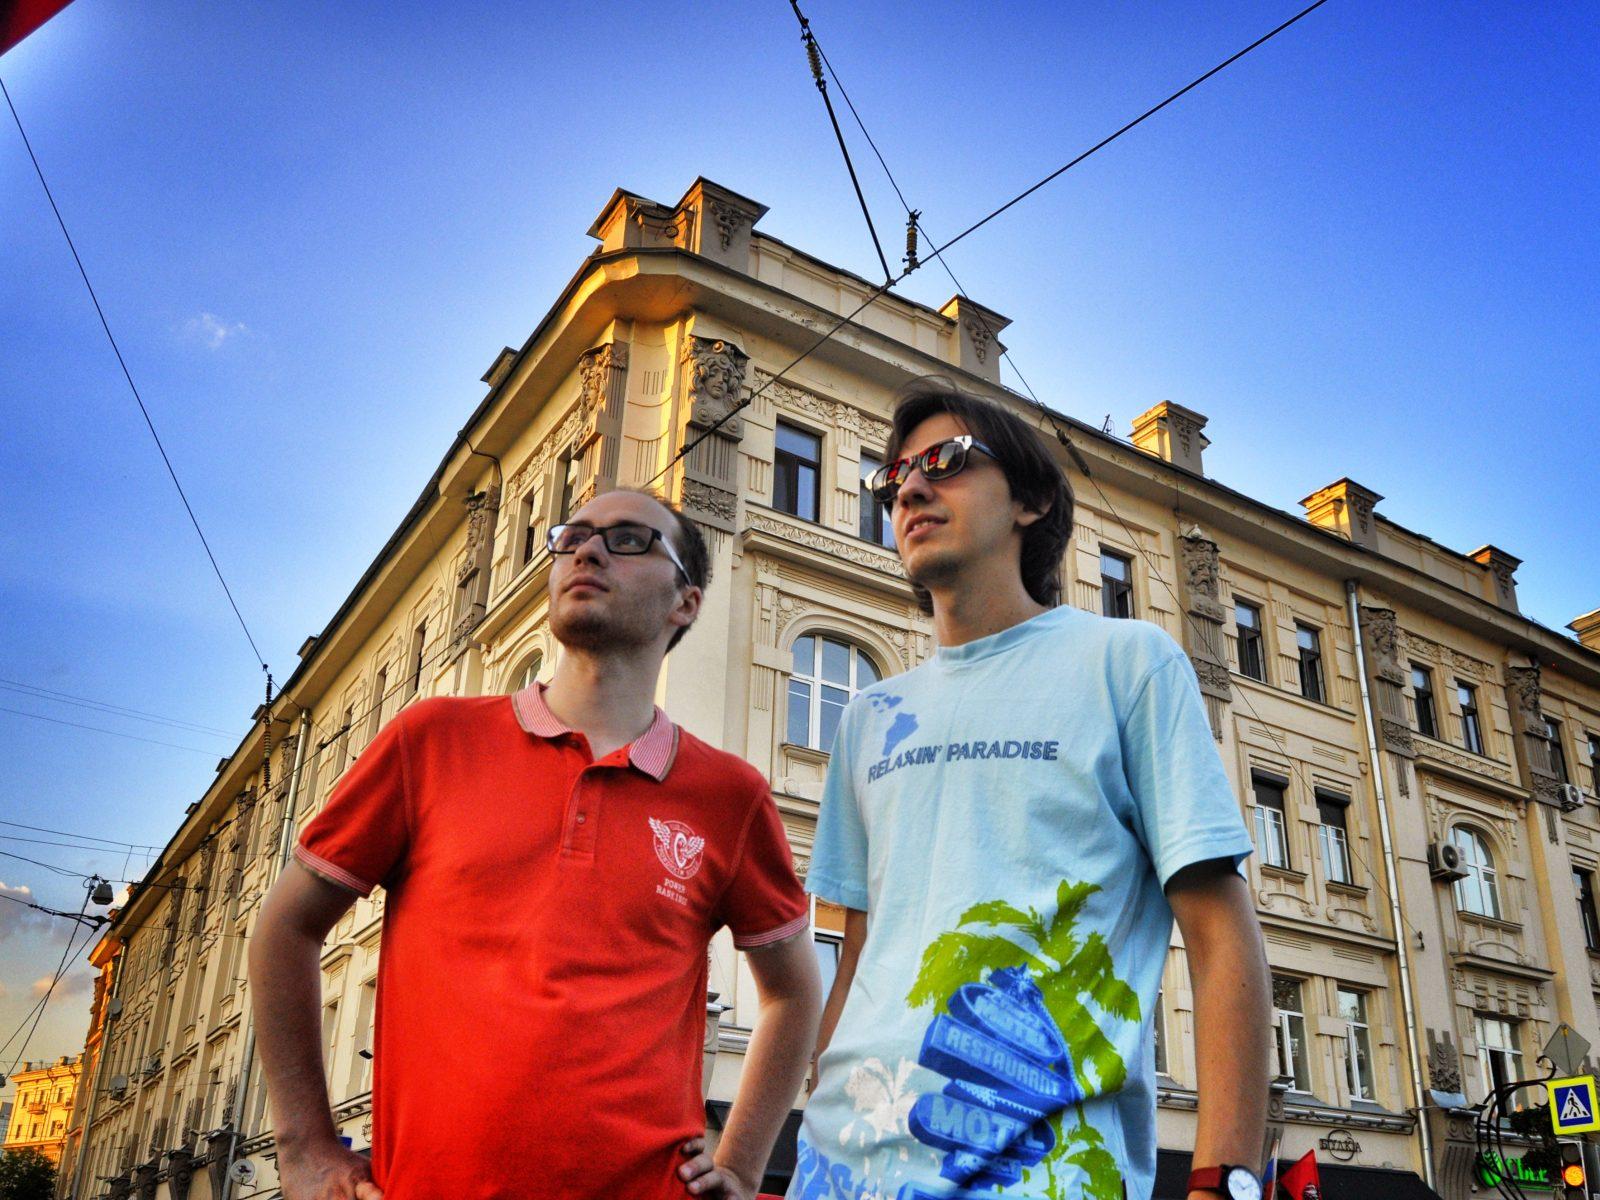 Musicians Alex Voronkov and Levon Grigoryan